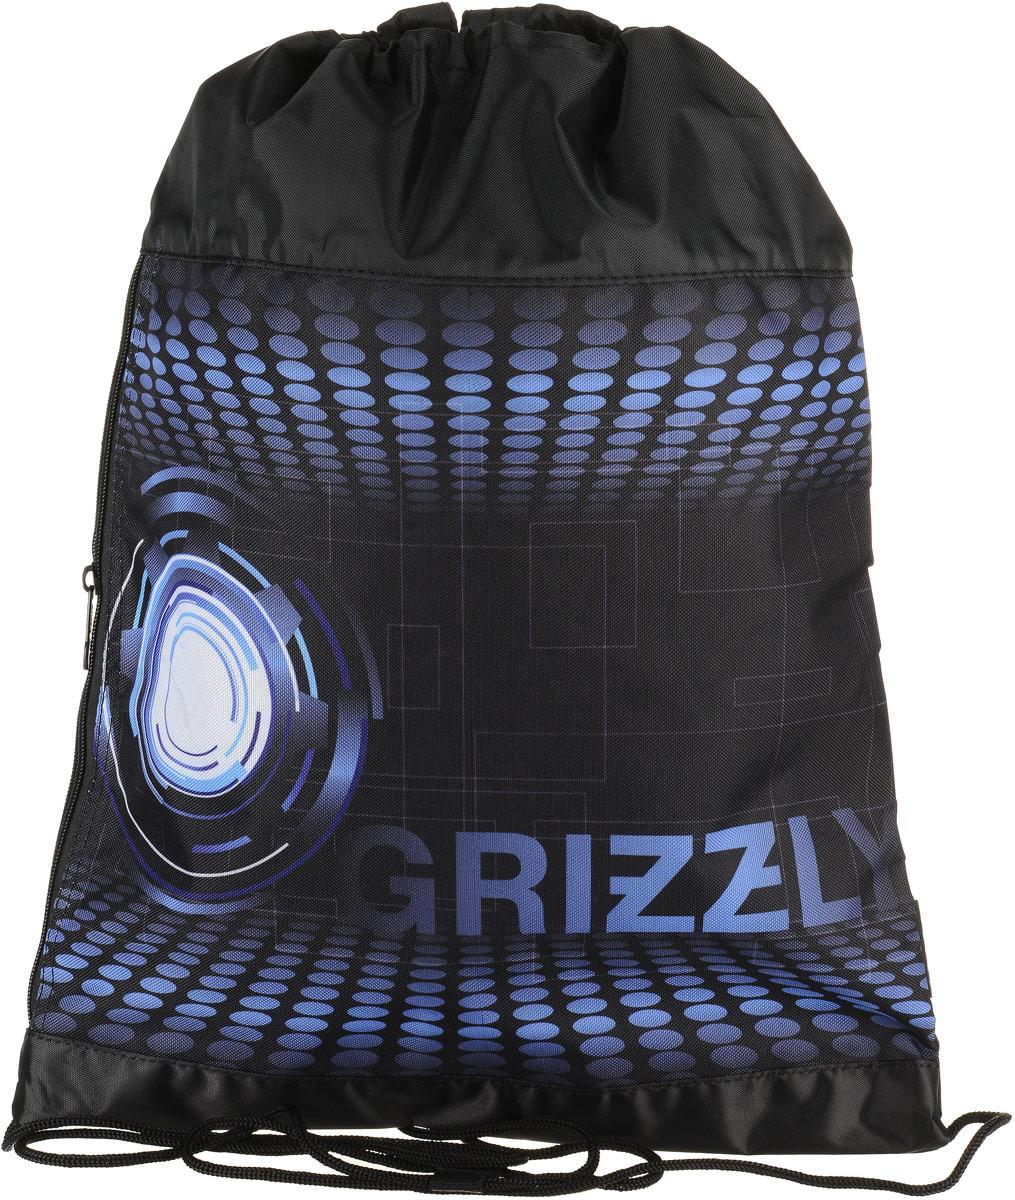 Сумка для сменной обуви и одежды Grizzly, цвет: темно-синий. OM-792-3/372523WDРюкзак-мешок для обуви с одним отделением и карманом на молнии, верх мешка стягивается шнуром в кулиске, который является еще и лямками, с ручкой-петлей